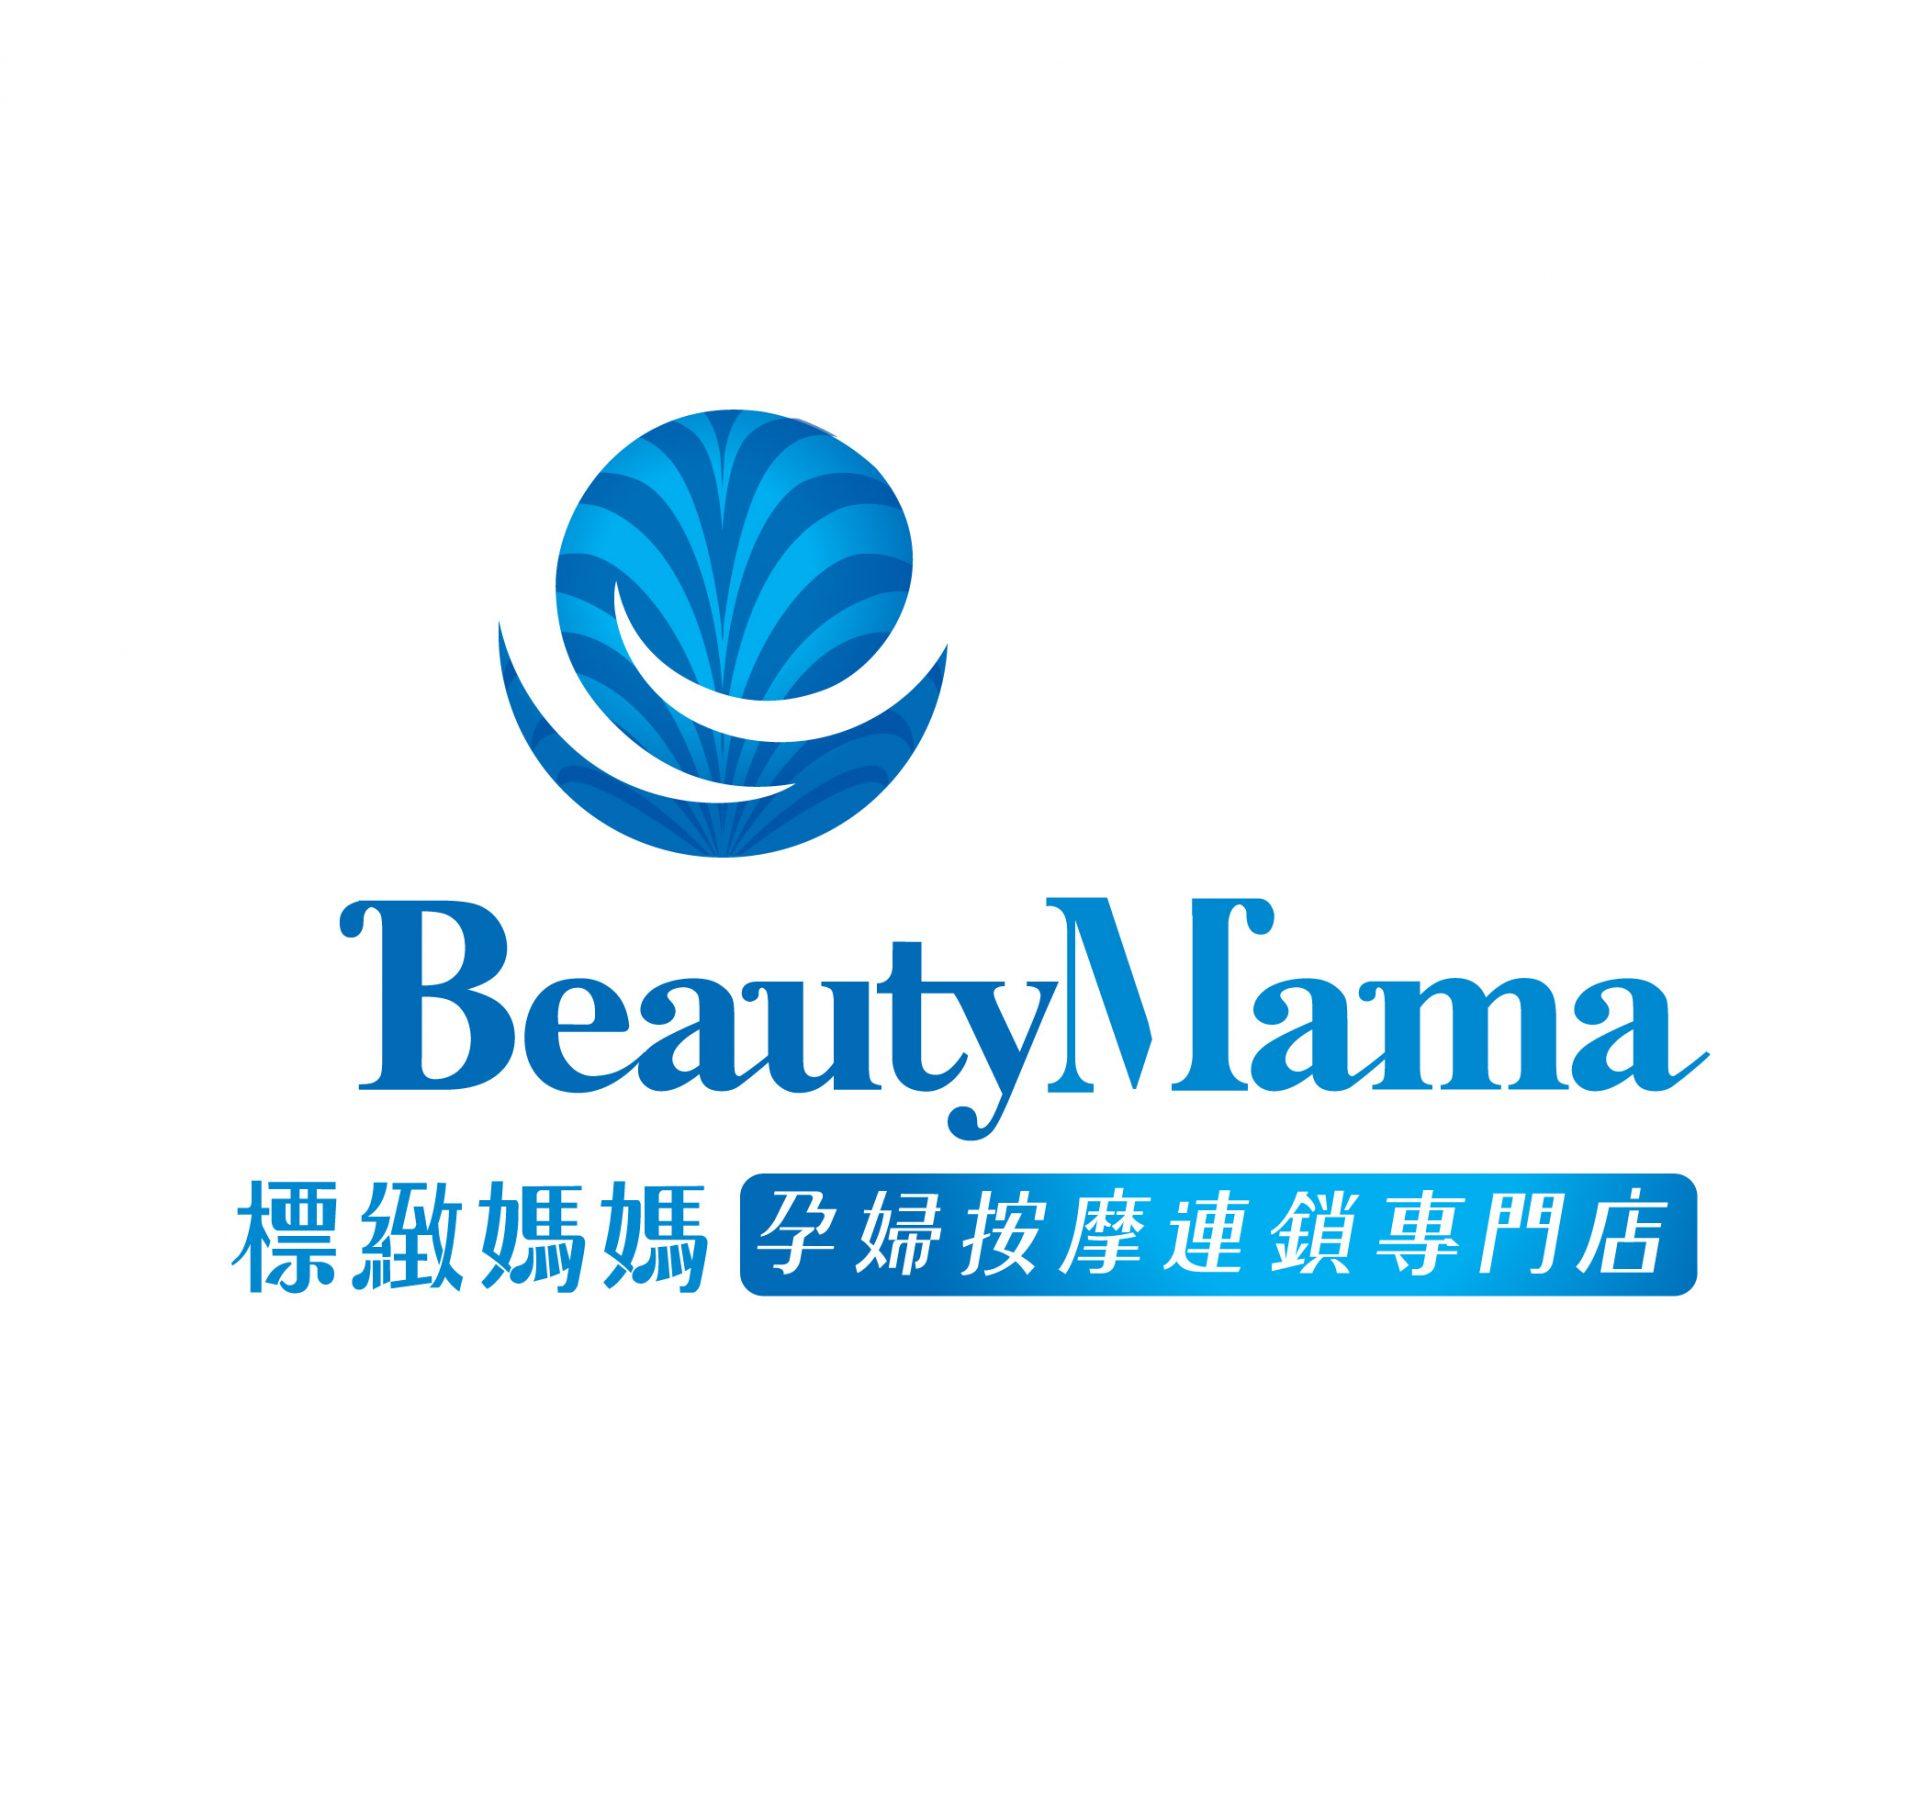 《BeautyMama 產後服務簡介》